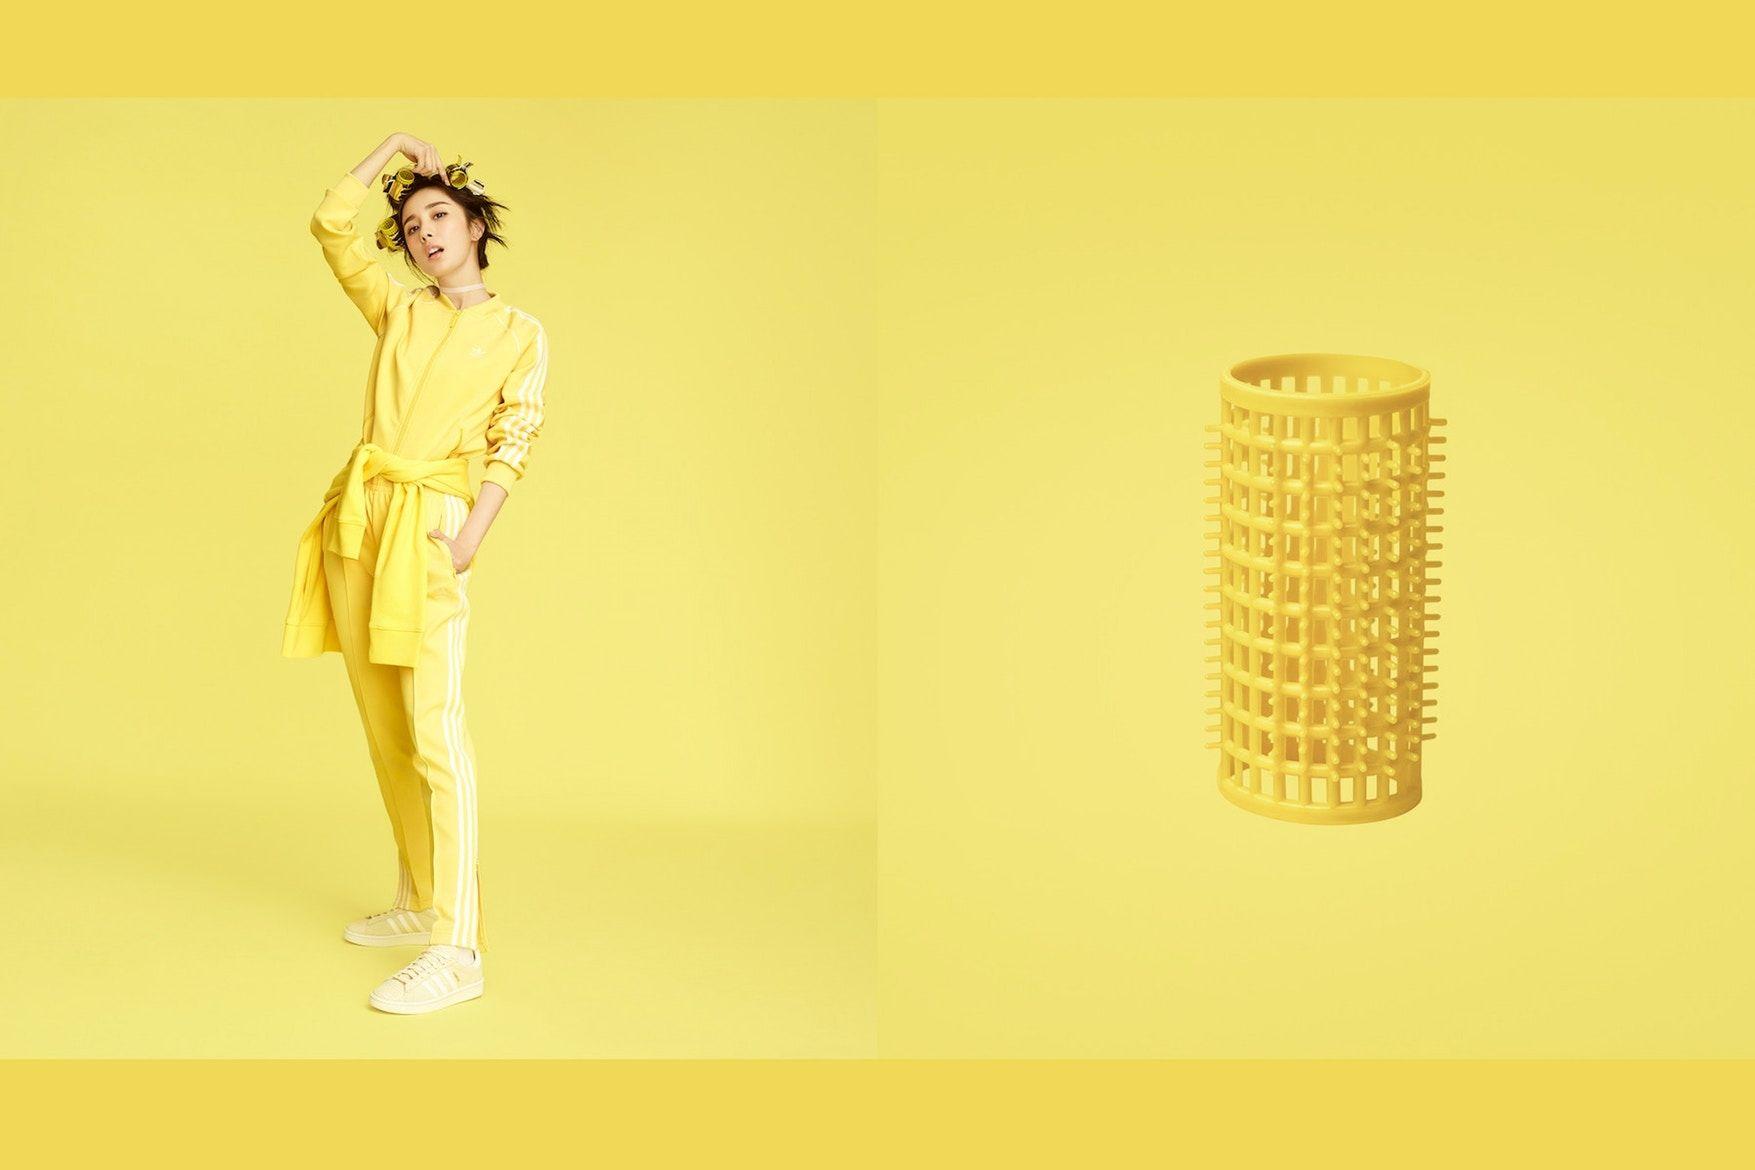 adidas-originals-spring-summer-2018-adicolor-apparel-7